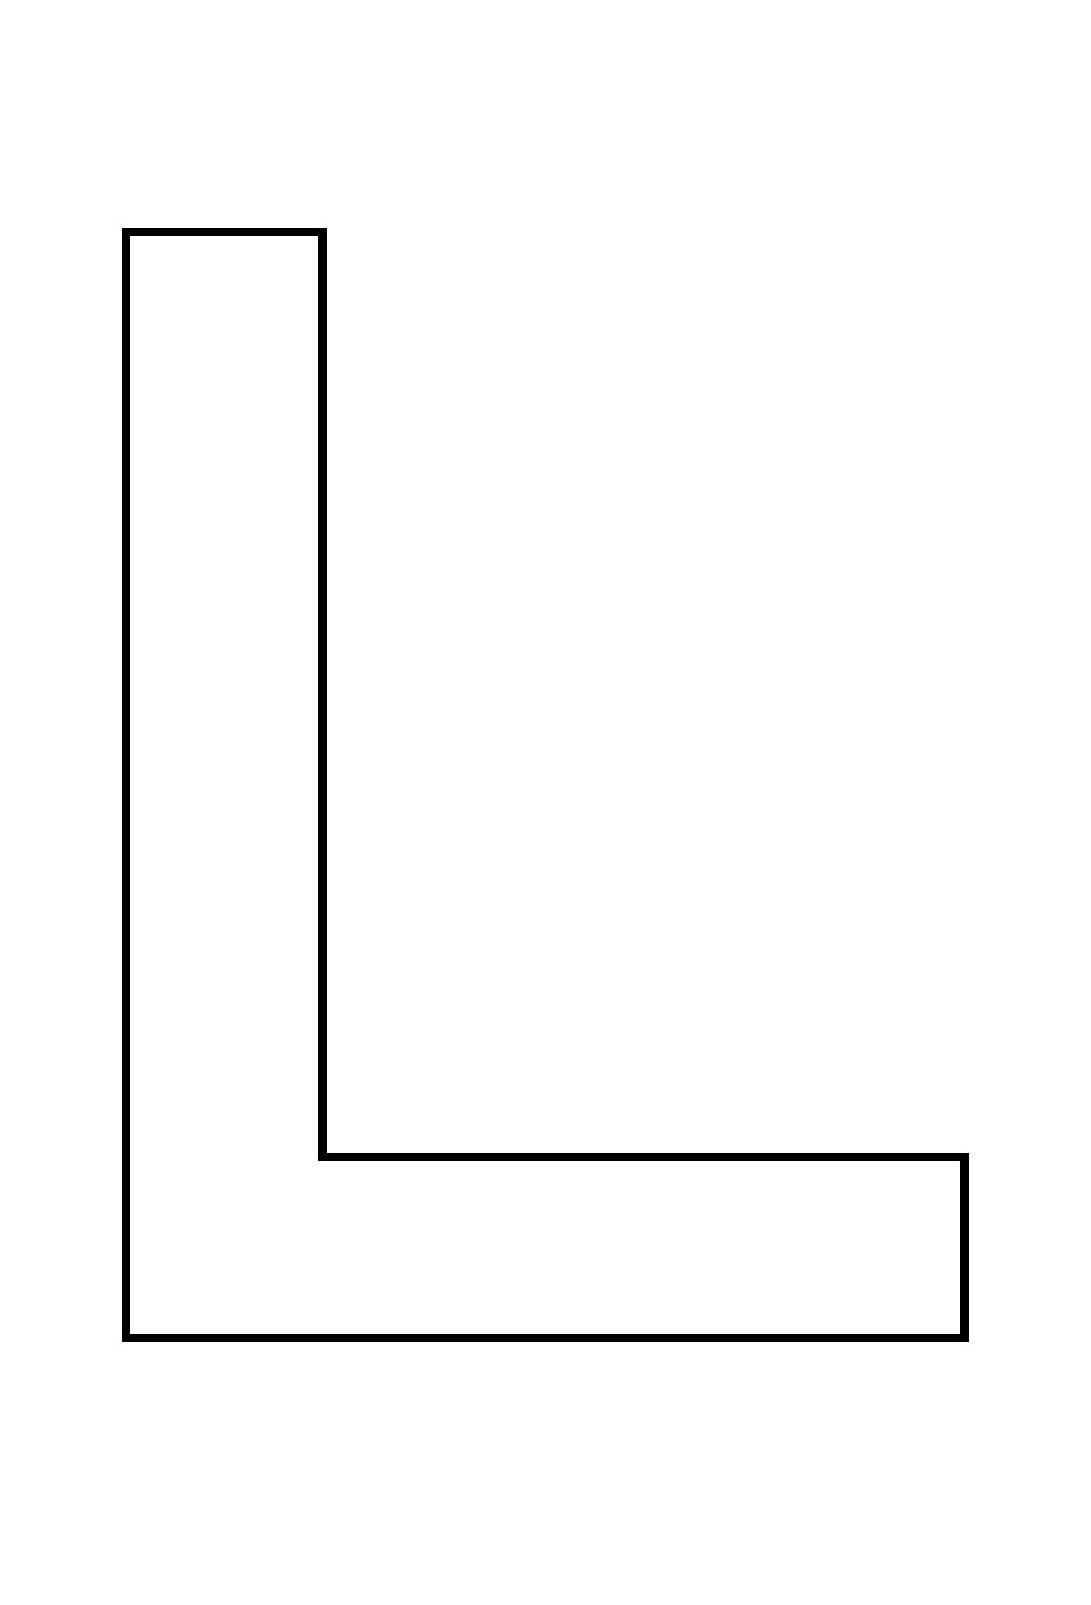 Imprimer Le Coloriage Chiffres Et Formes Alphabet Lettre L encequiconcerne Coloriage Alphabet Complet A Imprimer